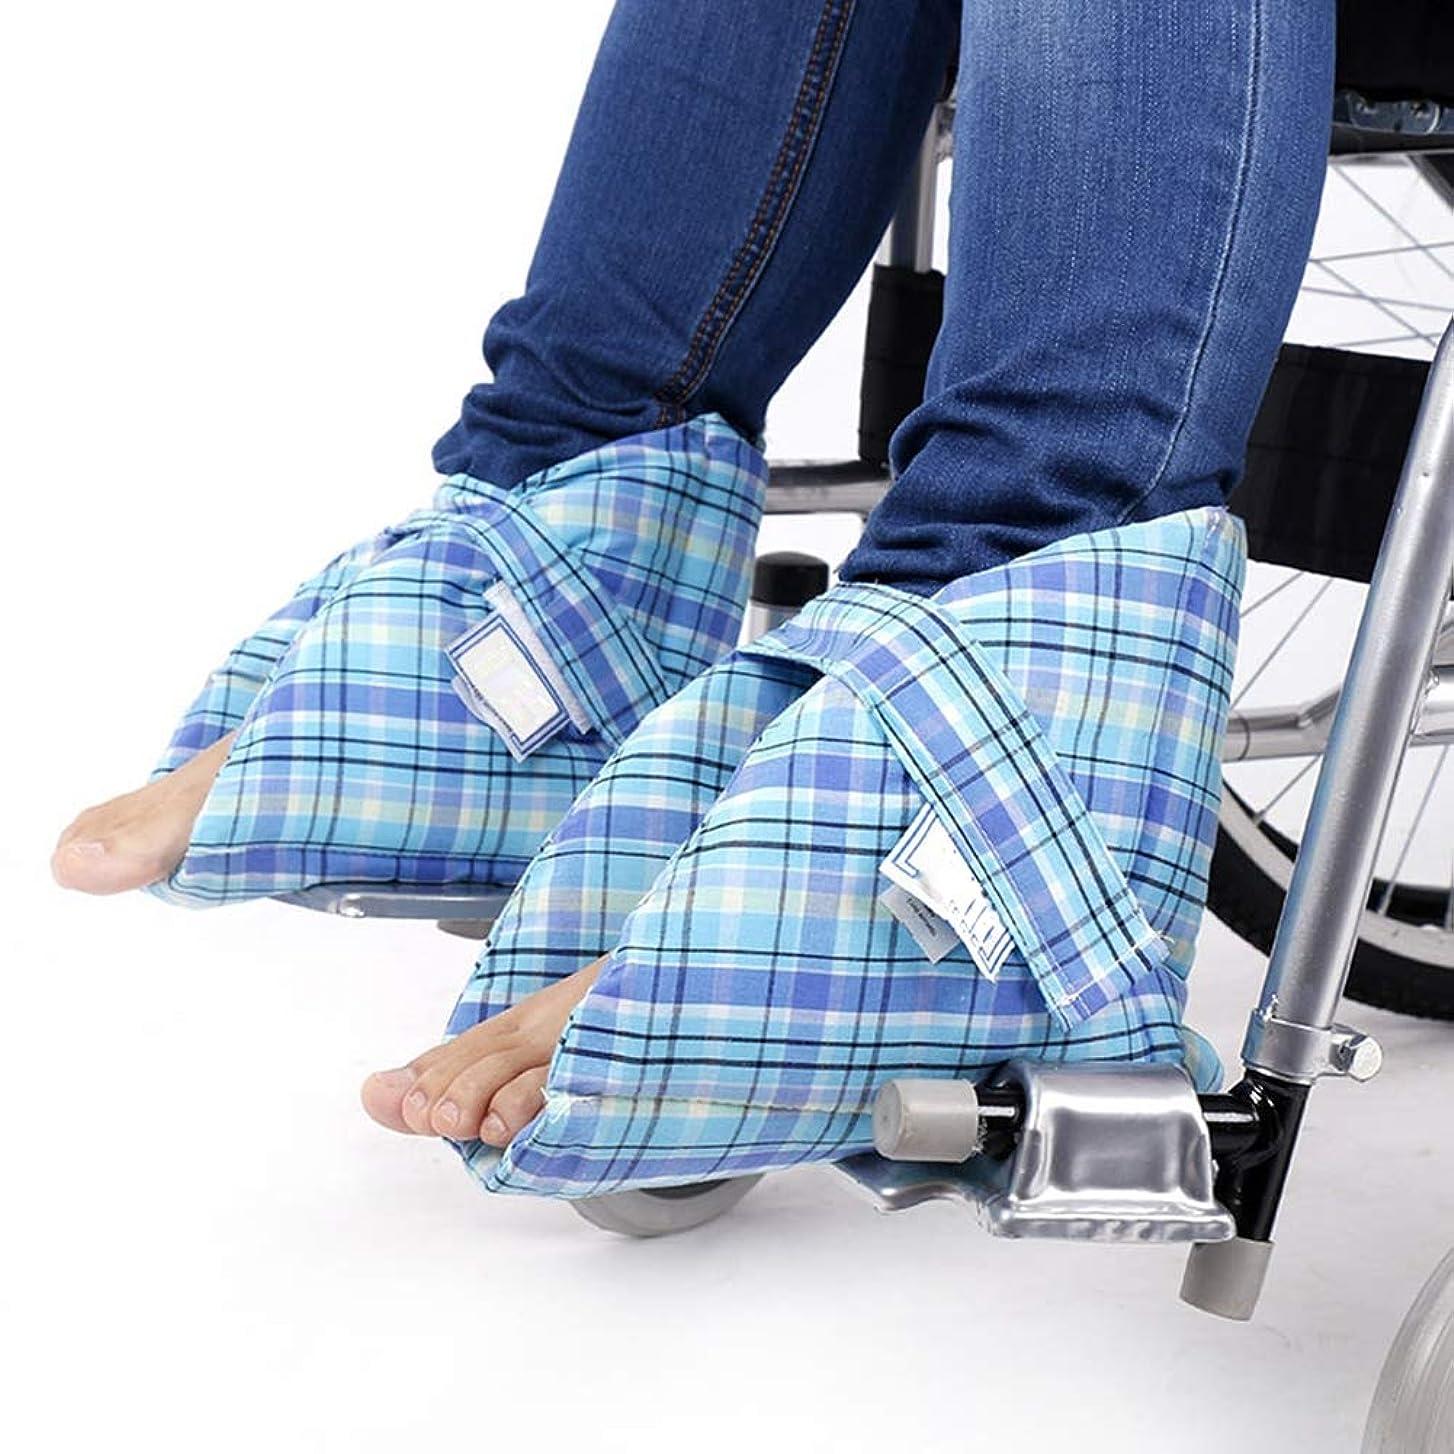 中古敬批判的フットサポートピロー、かかとプロテクター、ベッドの痛みや潰瘍の治療用、足の圧迫を和らげる、1ペア